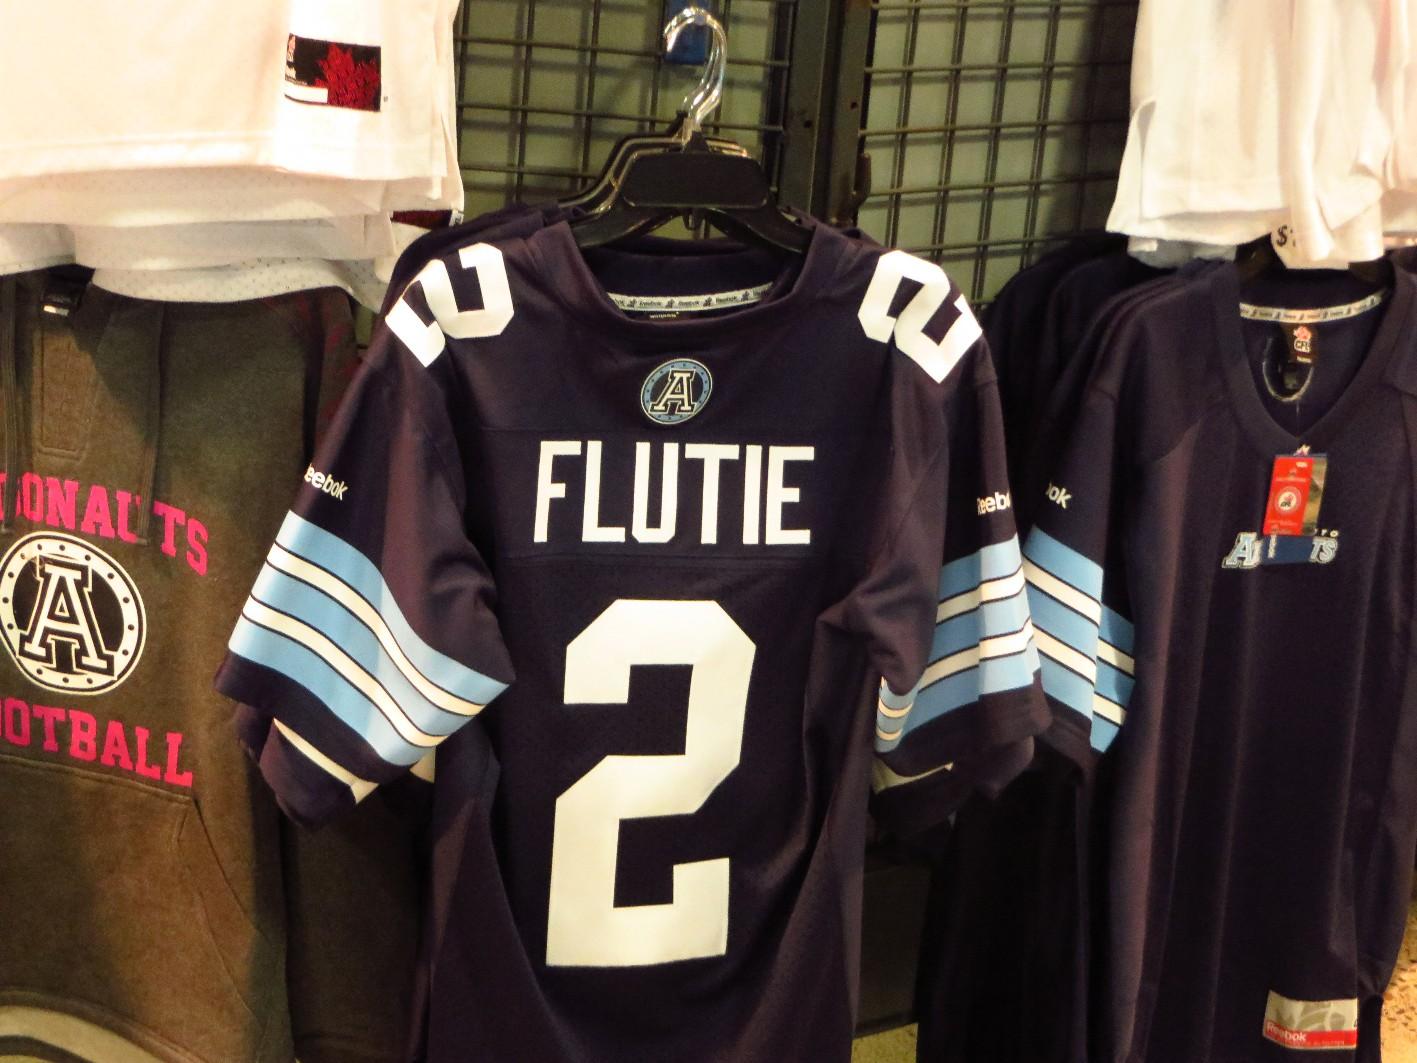 doug flutie jersey